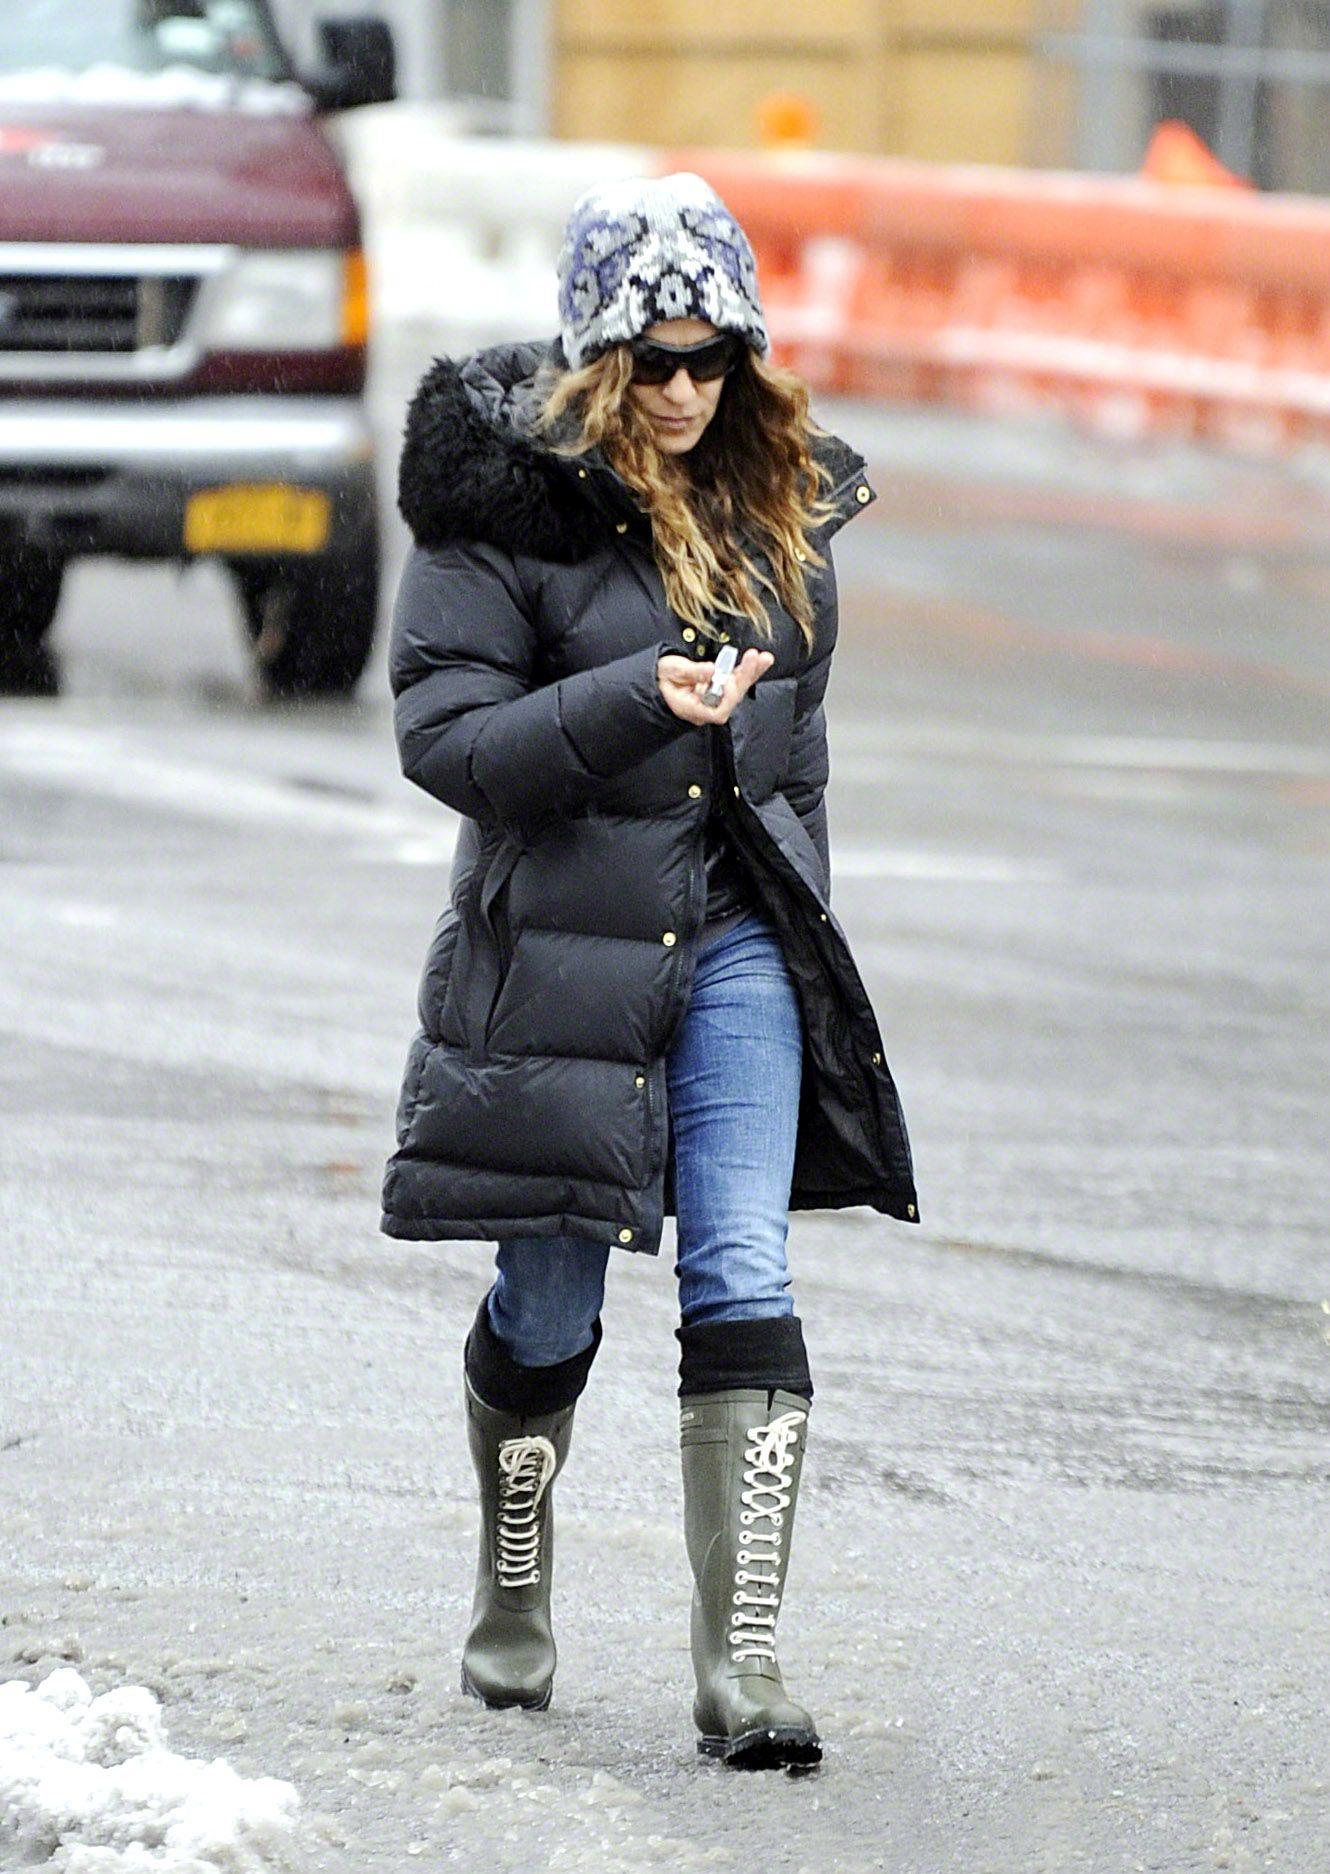 041a737e1e6 Sarah Jessica Parker wearing Ilse Jacobsen Rain boots   rain boots ...